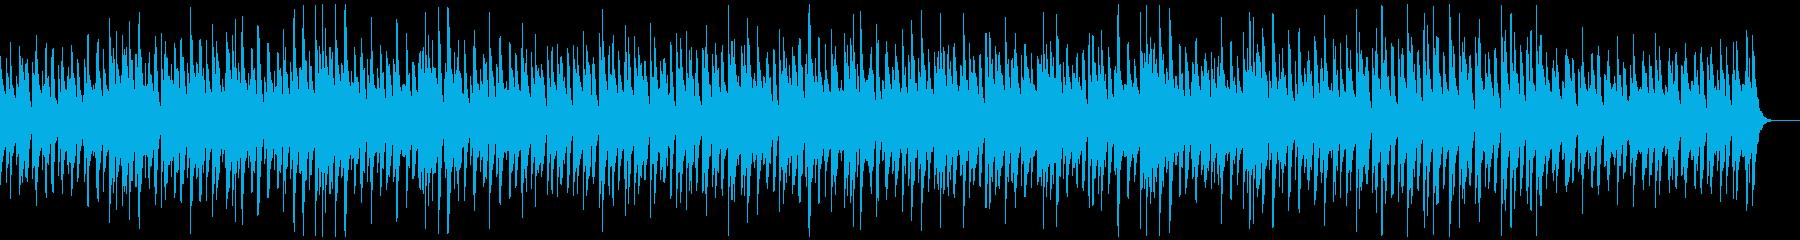 カリンバ、ほのぼの思い出、オールディーズの再生済みの波形